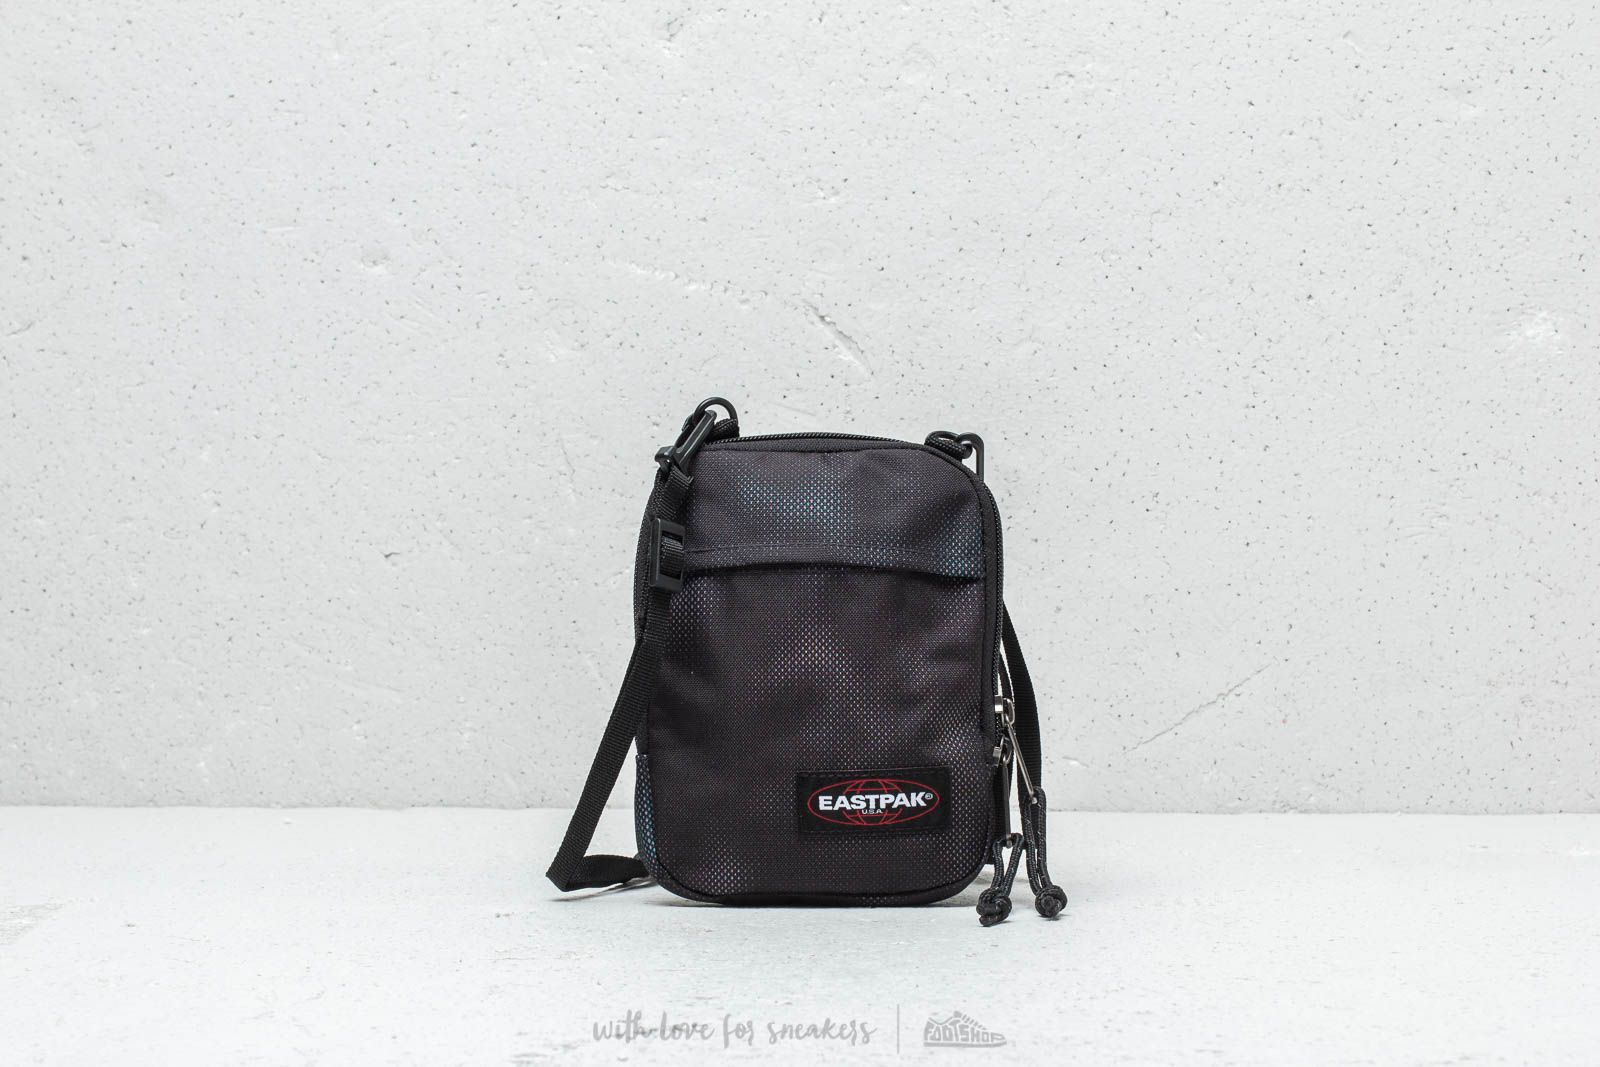 Eastpak Buddy Bag